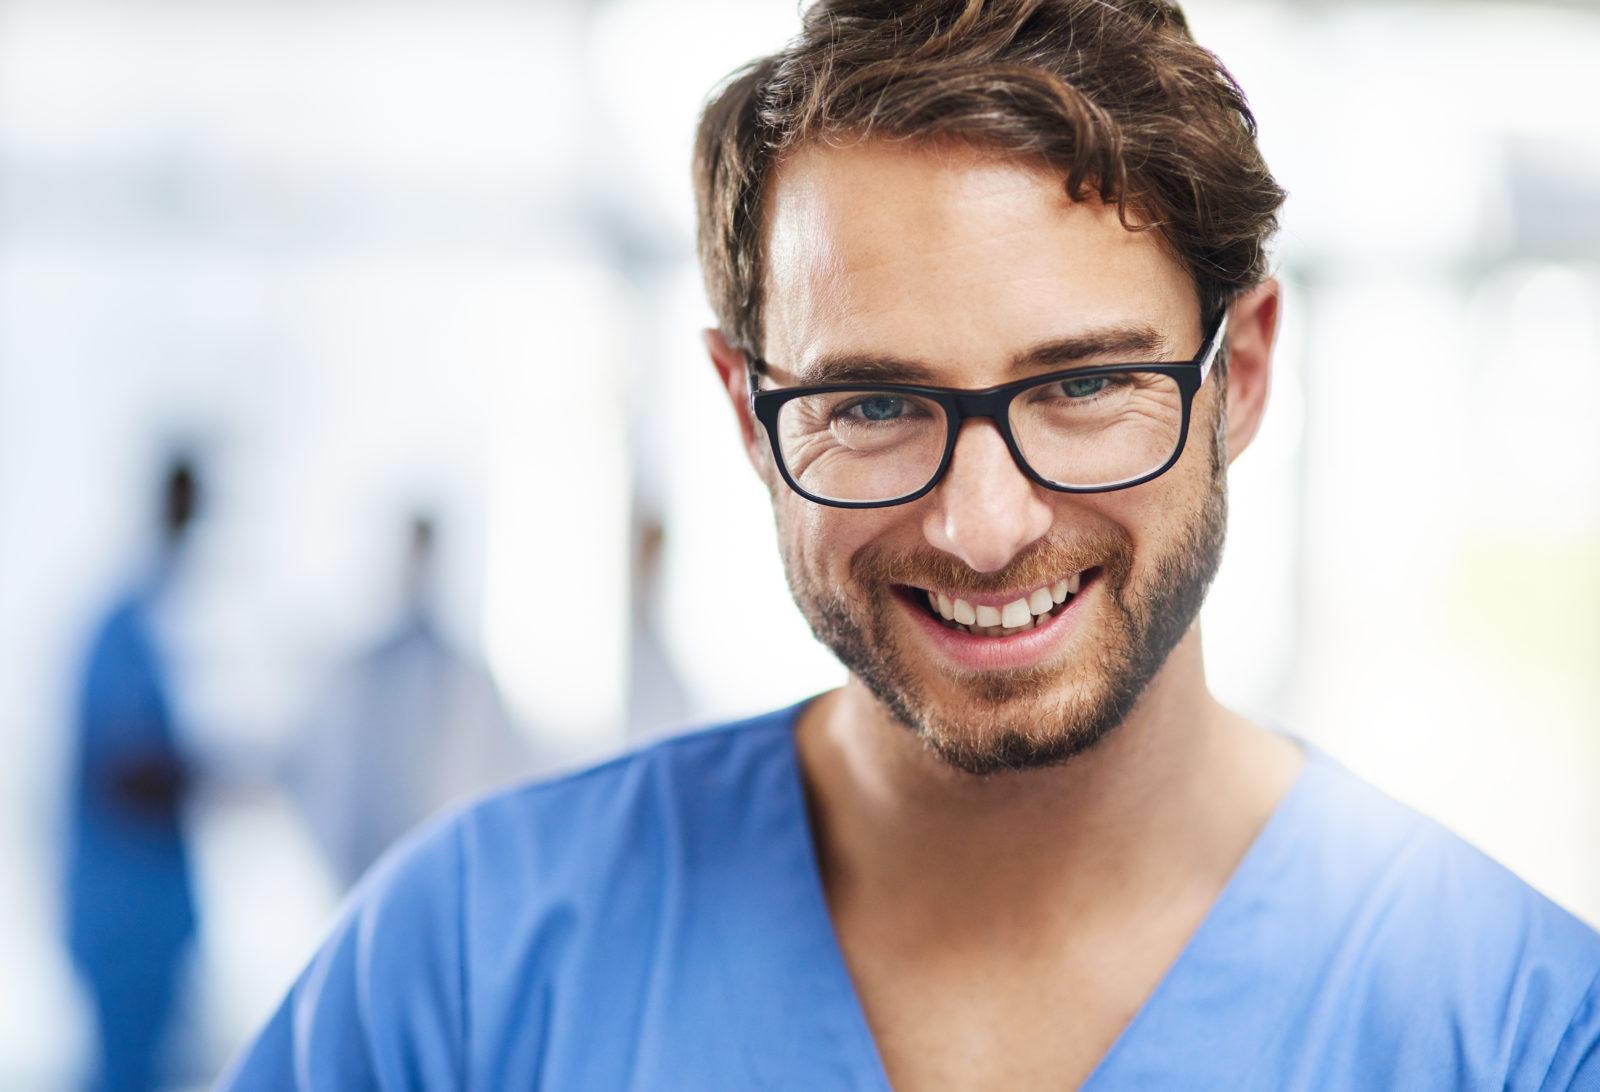 c602e521c1a Egenföretagare - Sveriges läkarförbund